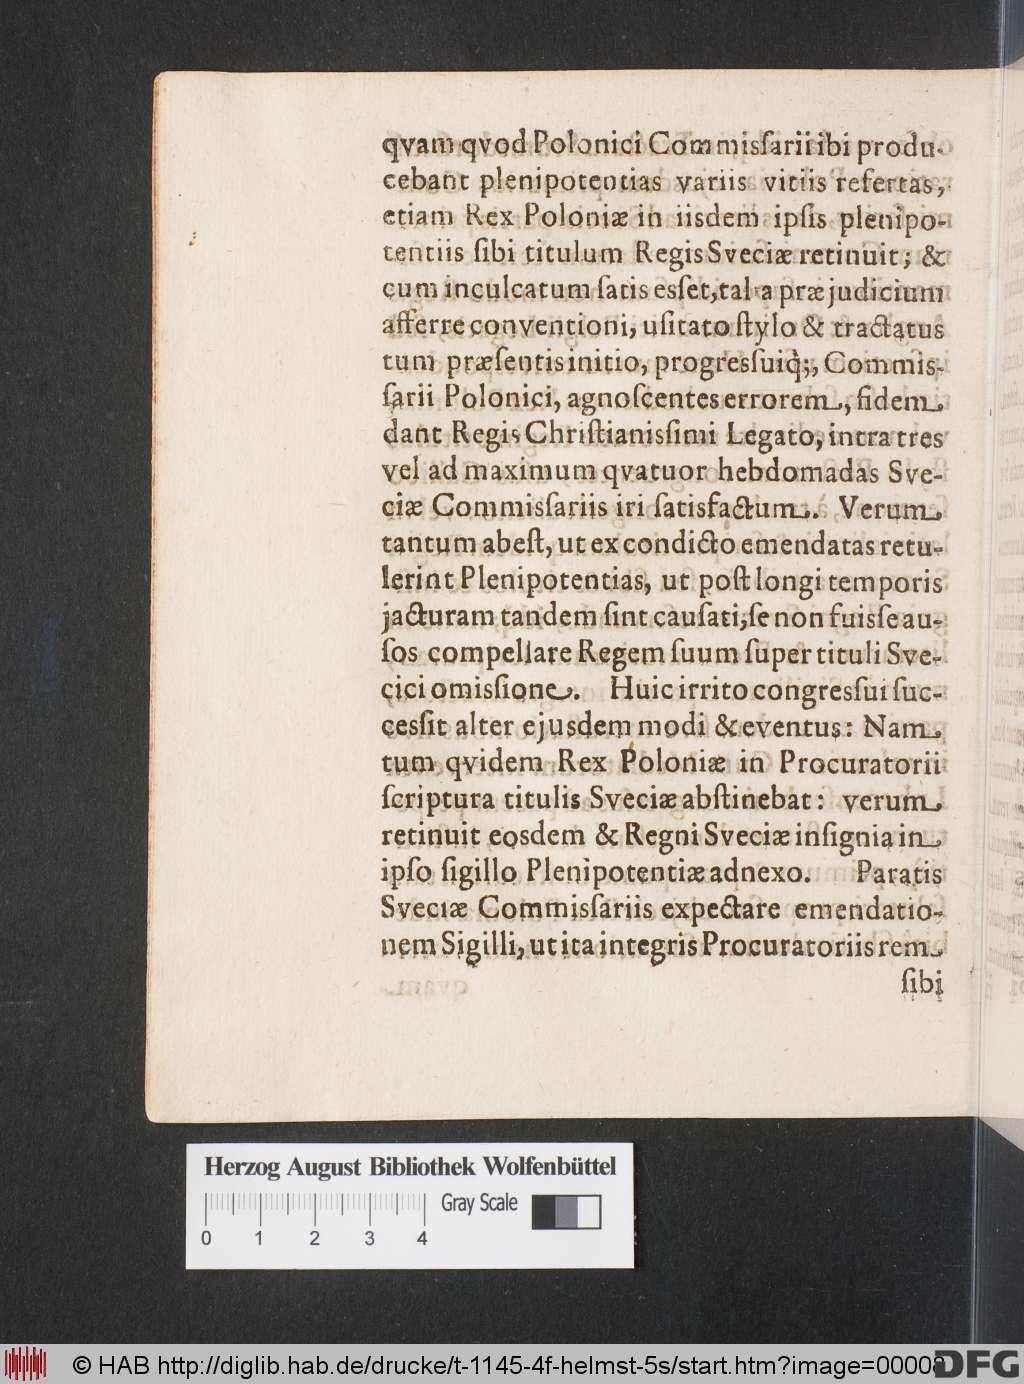 http://diglib.hab.de/drucke/t-1145-4f-helmst-5s/00008.jpg